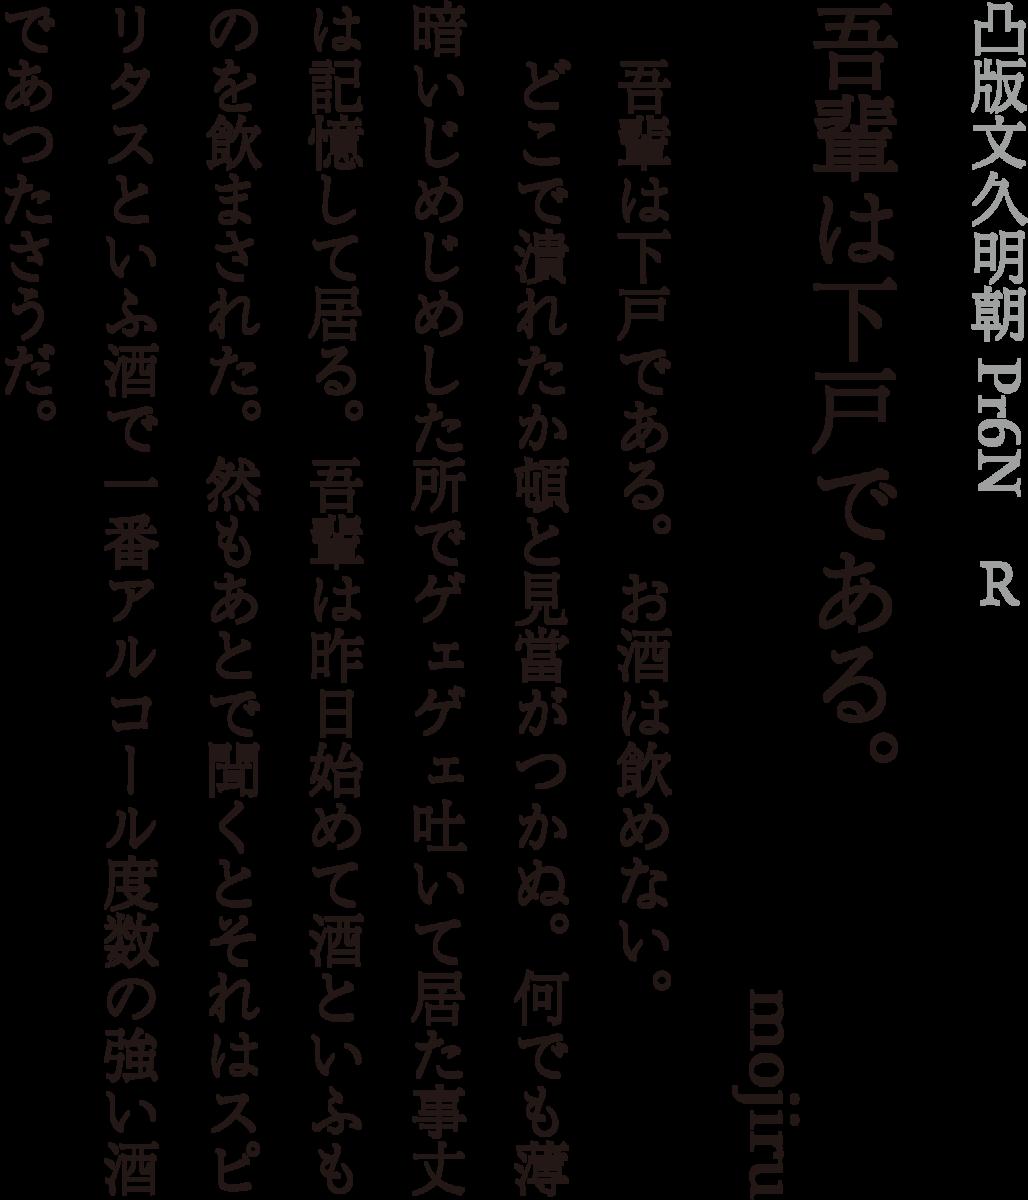 f:id:mojiru:20190410094425p:plain